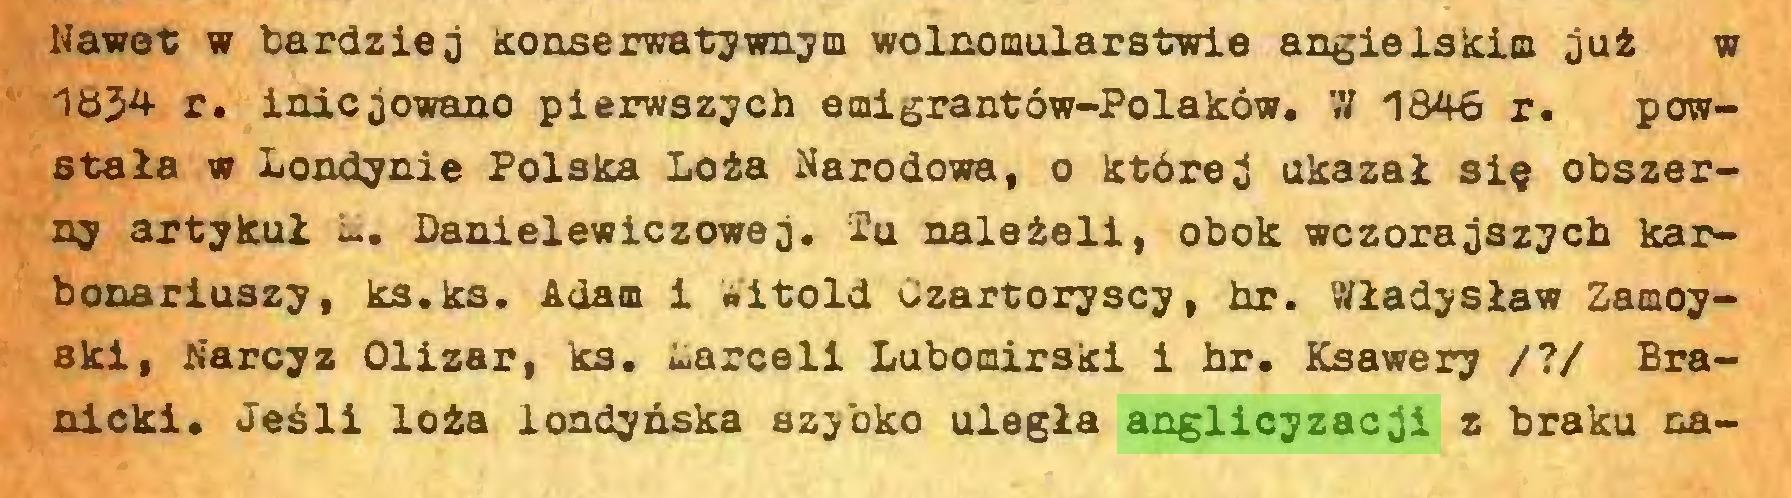 (...) Nawet w bardziej konserwatywnym wolnomularstwie angielskim już w 1834 r. inicjowano pierwszych emigrantów-Polaków. W 1846 r. powstała w Londynie Polska Loża Narodowa, o której ukazał się obszerny artykuł Danielewiczowej. Tu należeli, obok wczorajszych karbonariuszy, ks.ks. Adam i Witold Czartoryscy, hr. Władysław Zamoyski, Narcyz Olizar, ks. Marceli Lubomirski i hr. Ksawery /?/ Branicki. Jeśli loża londyńska szybko uległa anglicyzacji z braku na...